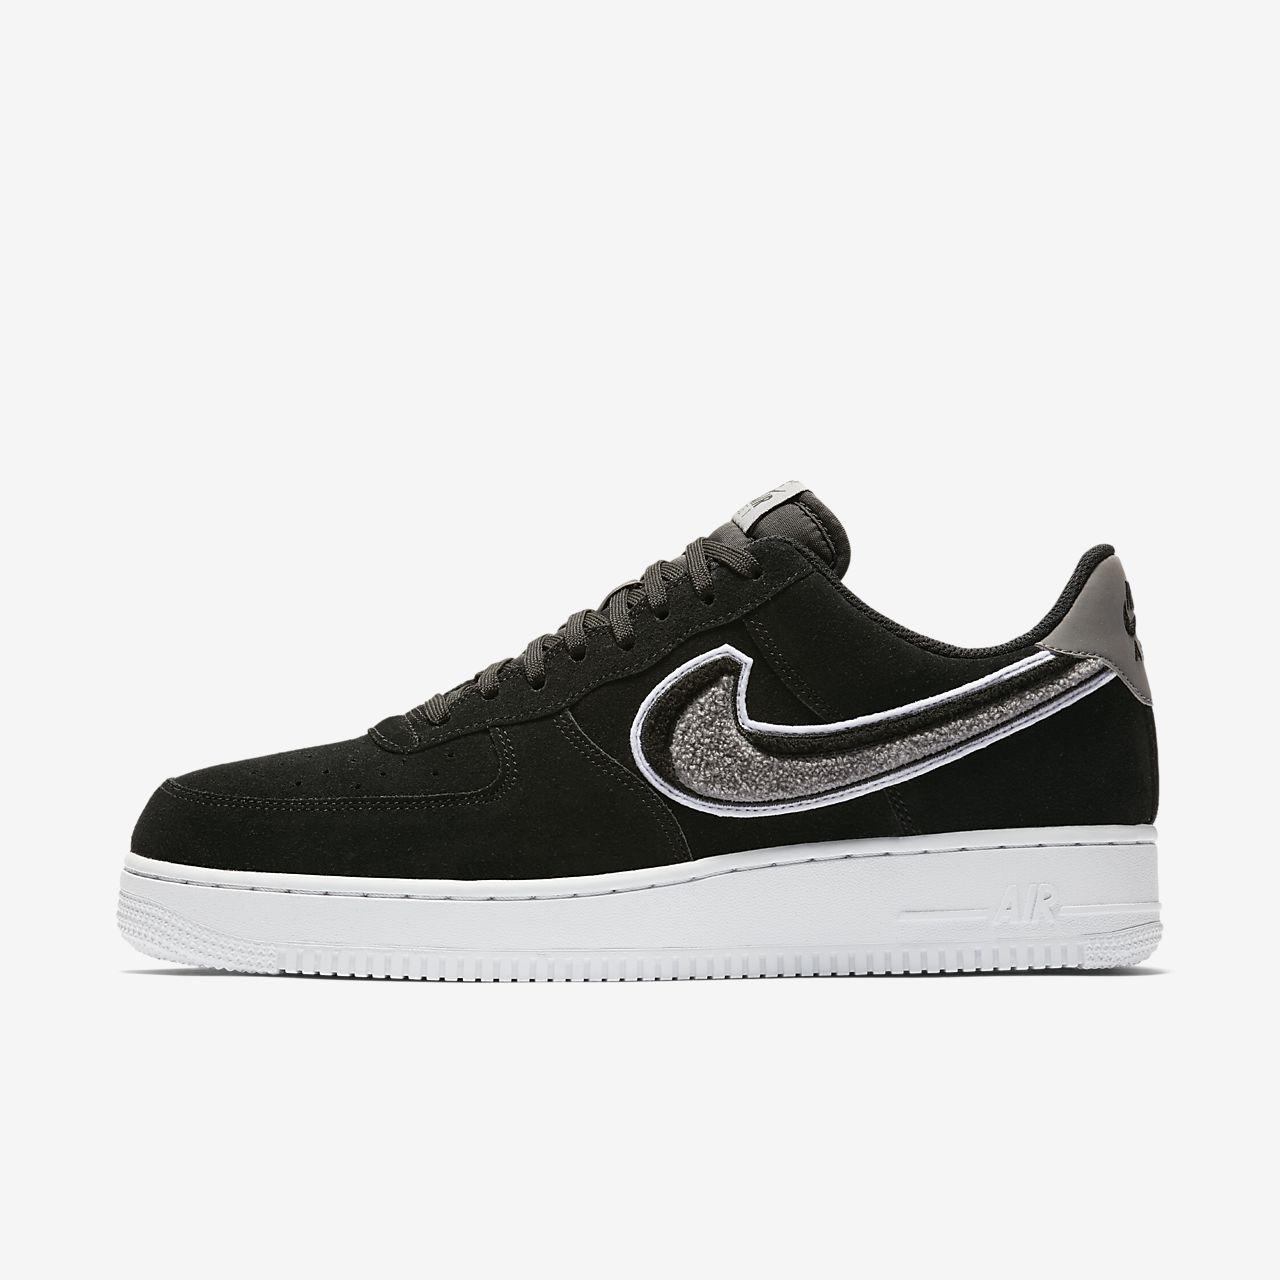 Buty męskie Nike Air Force 1 Low 07 LV8